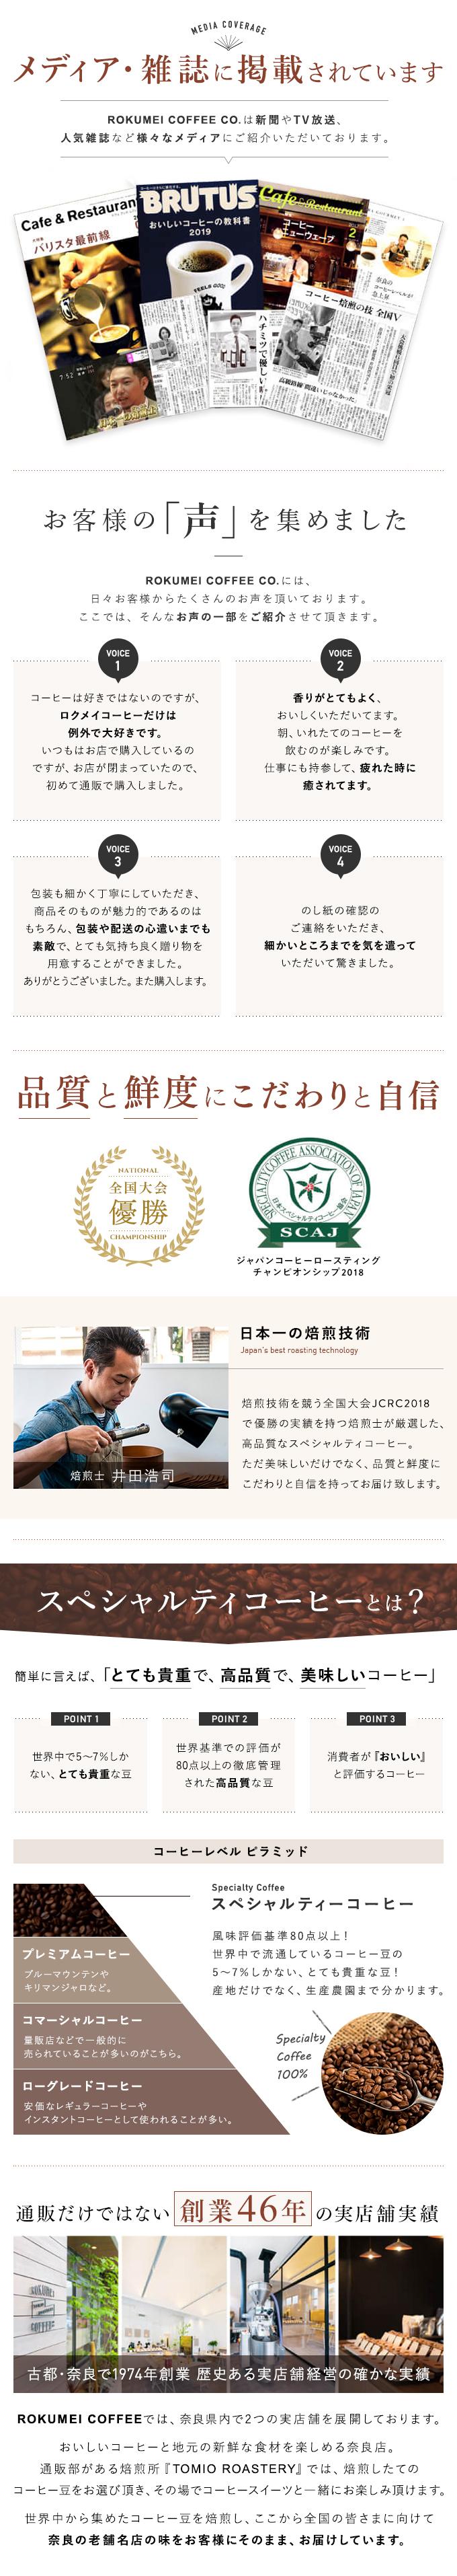 メディア・雑誌に掲載されています。お客様の声をご紹介。品質と鮮度にこだわりと自信、全国大会優勝、日本一の焙煎士。スペシャルティコーヒーとは。通販だけではない創業44年の実店舗実績